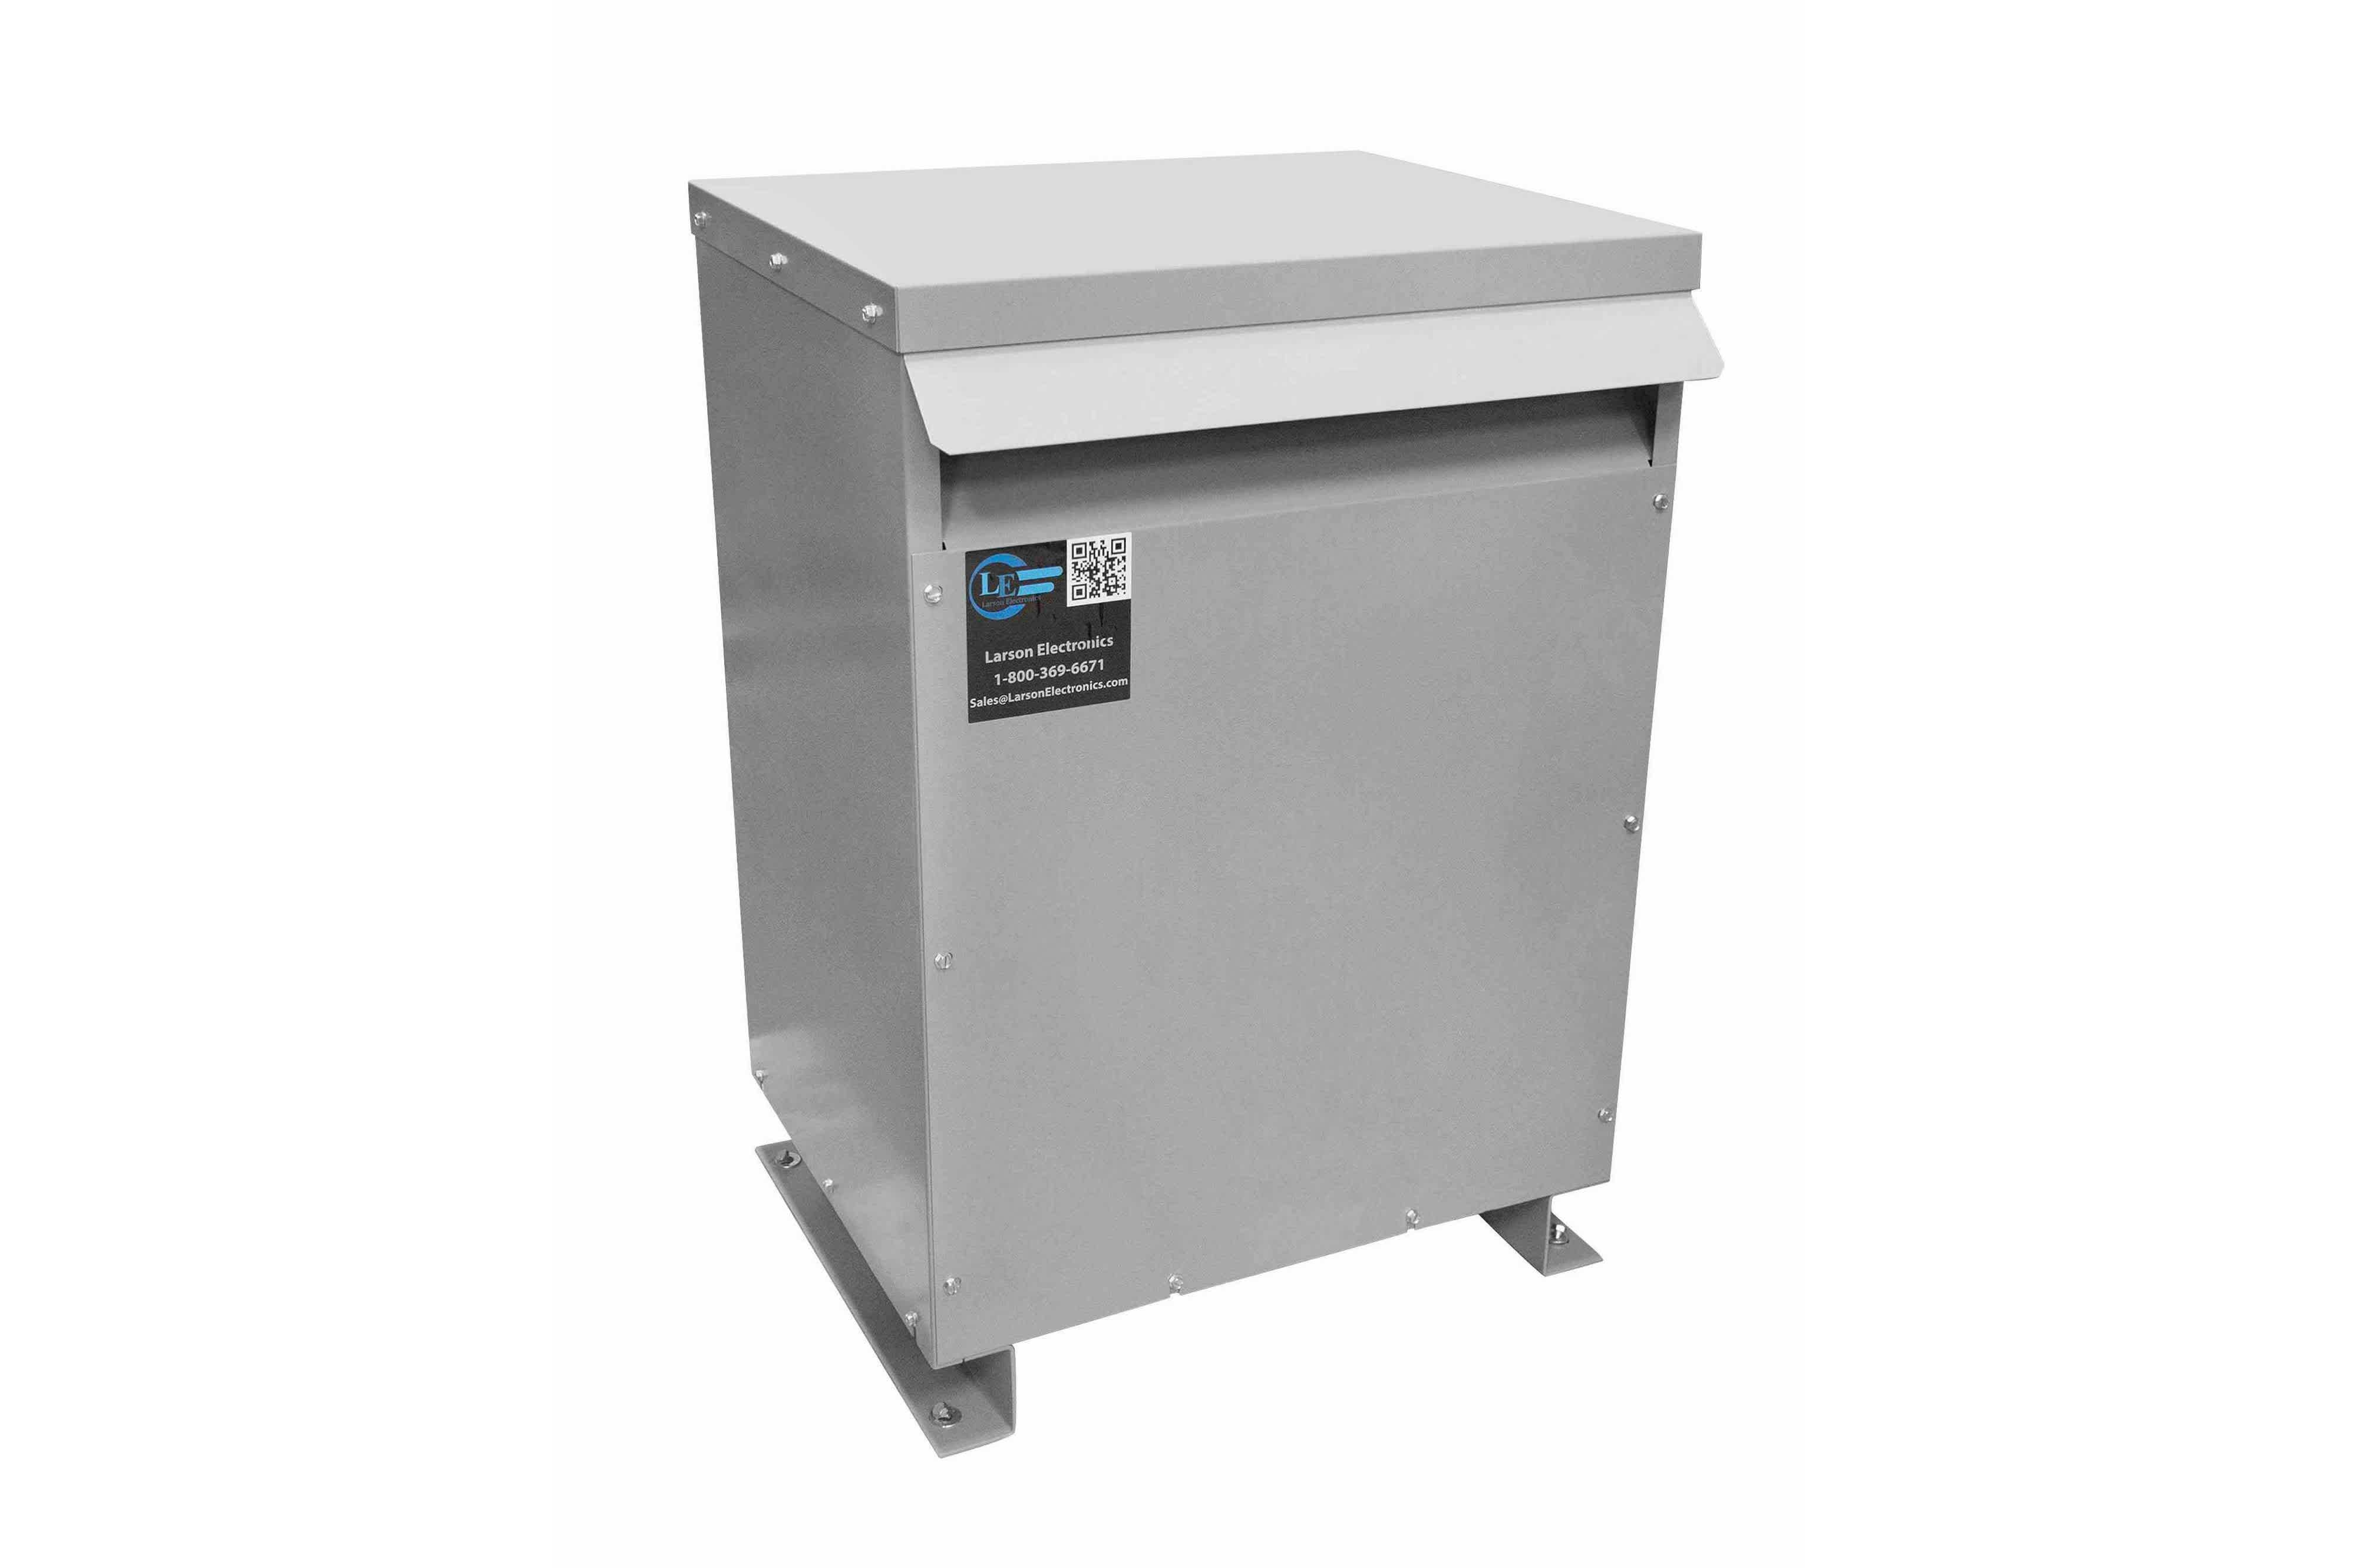 40 kVA 3PH Isolation Transformer, 208V Delta Primary, 208V Delta Secondary, N3R, Ventilated, 60 Hz